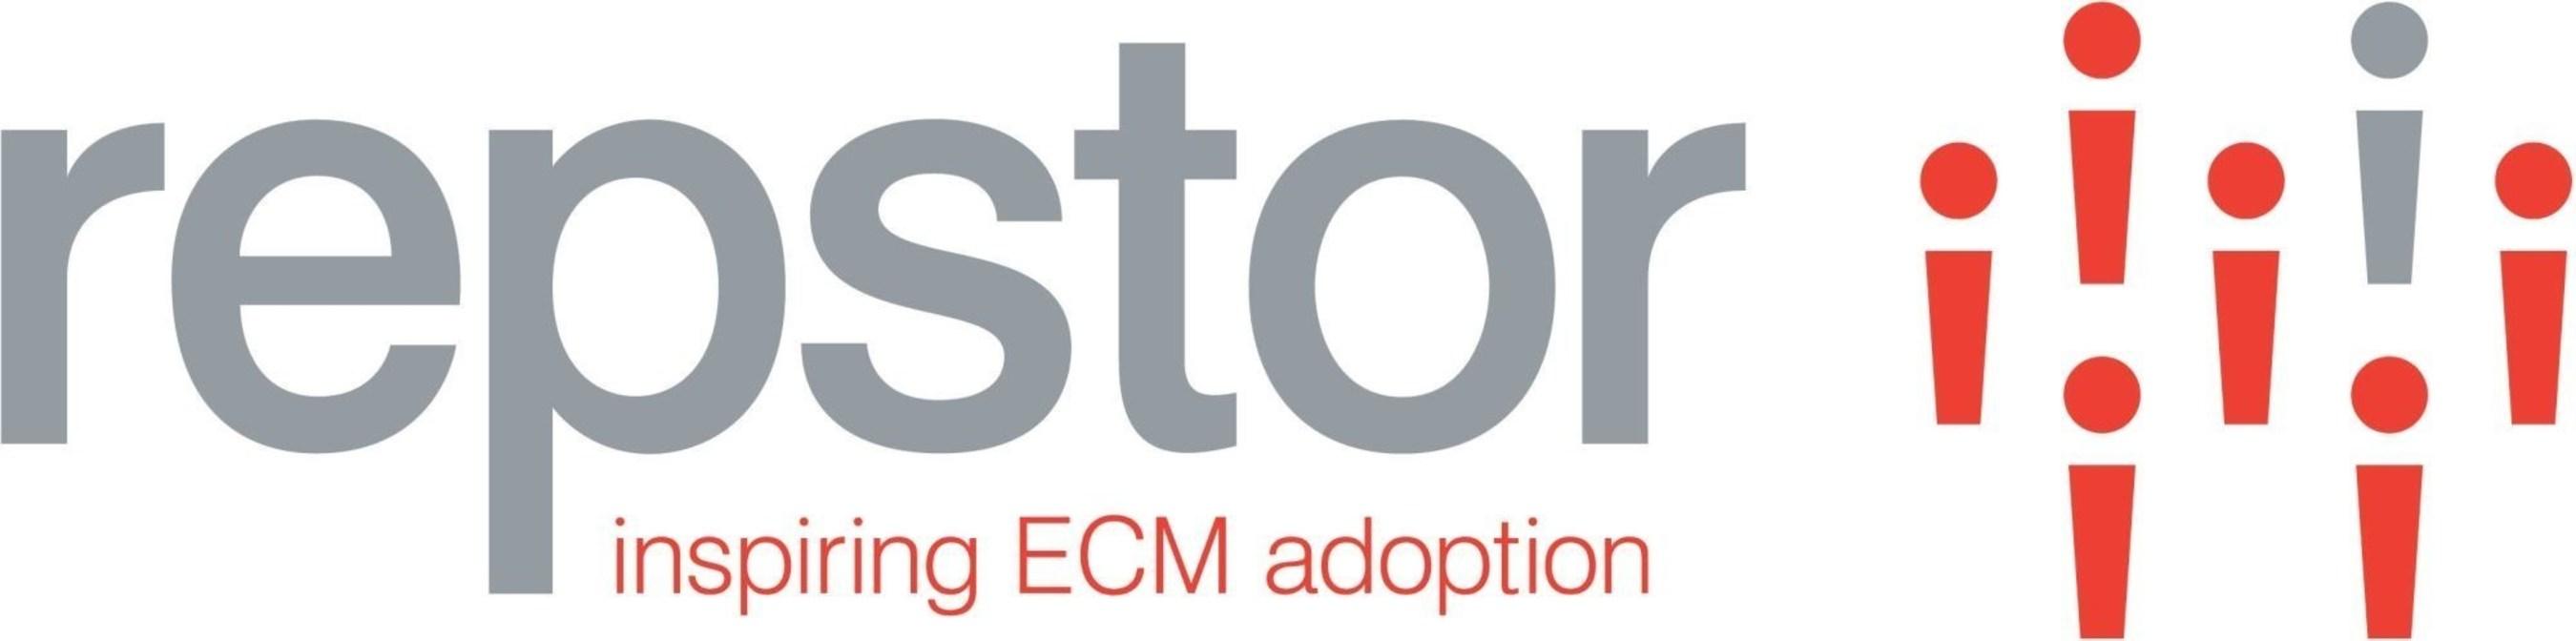 Repstor Logo (PRNewsFoto/Repstor Ltd) (PRNewsFoto/Repstor Ltd)